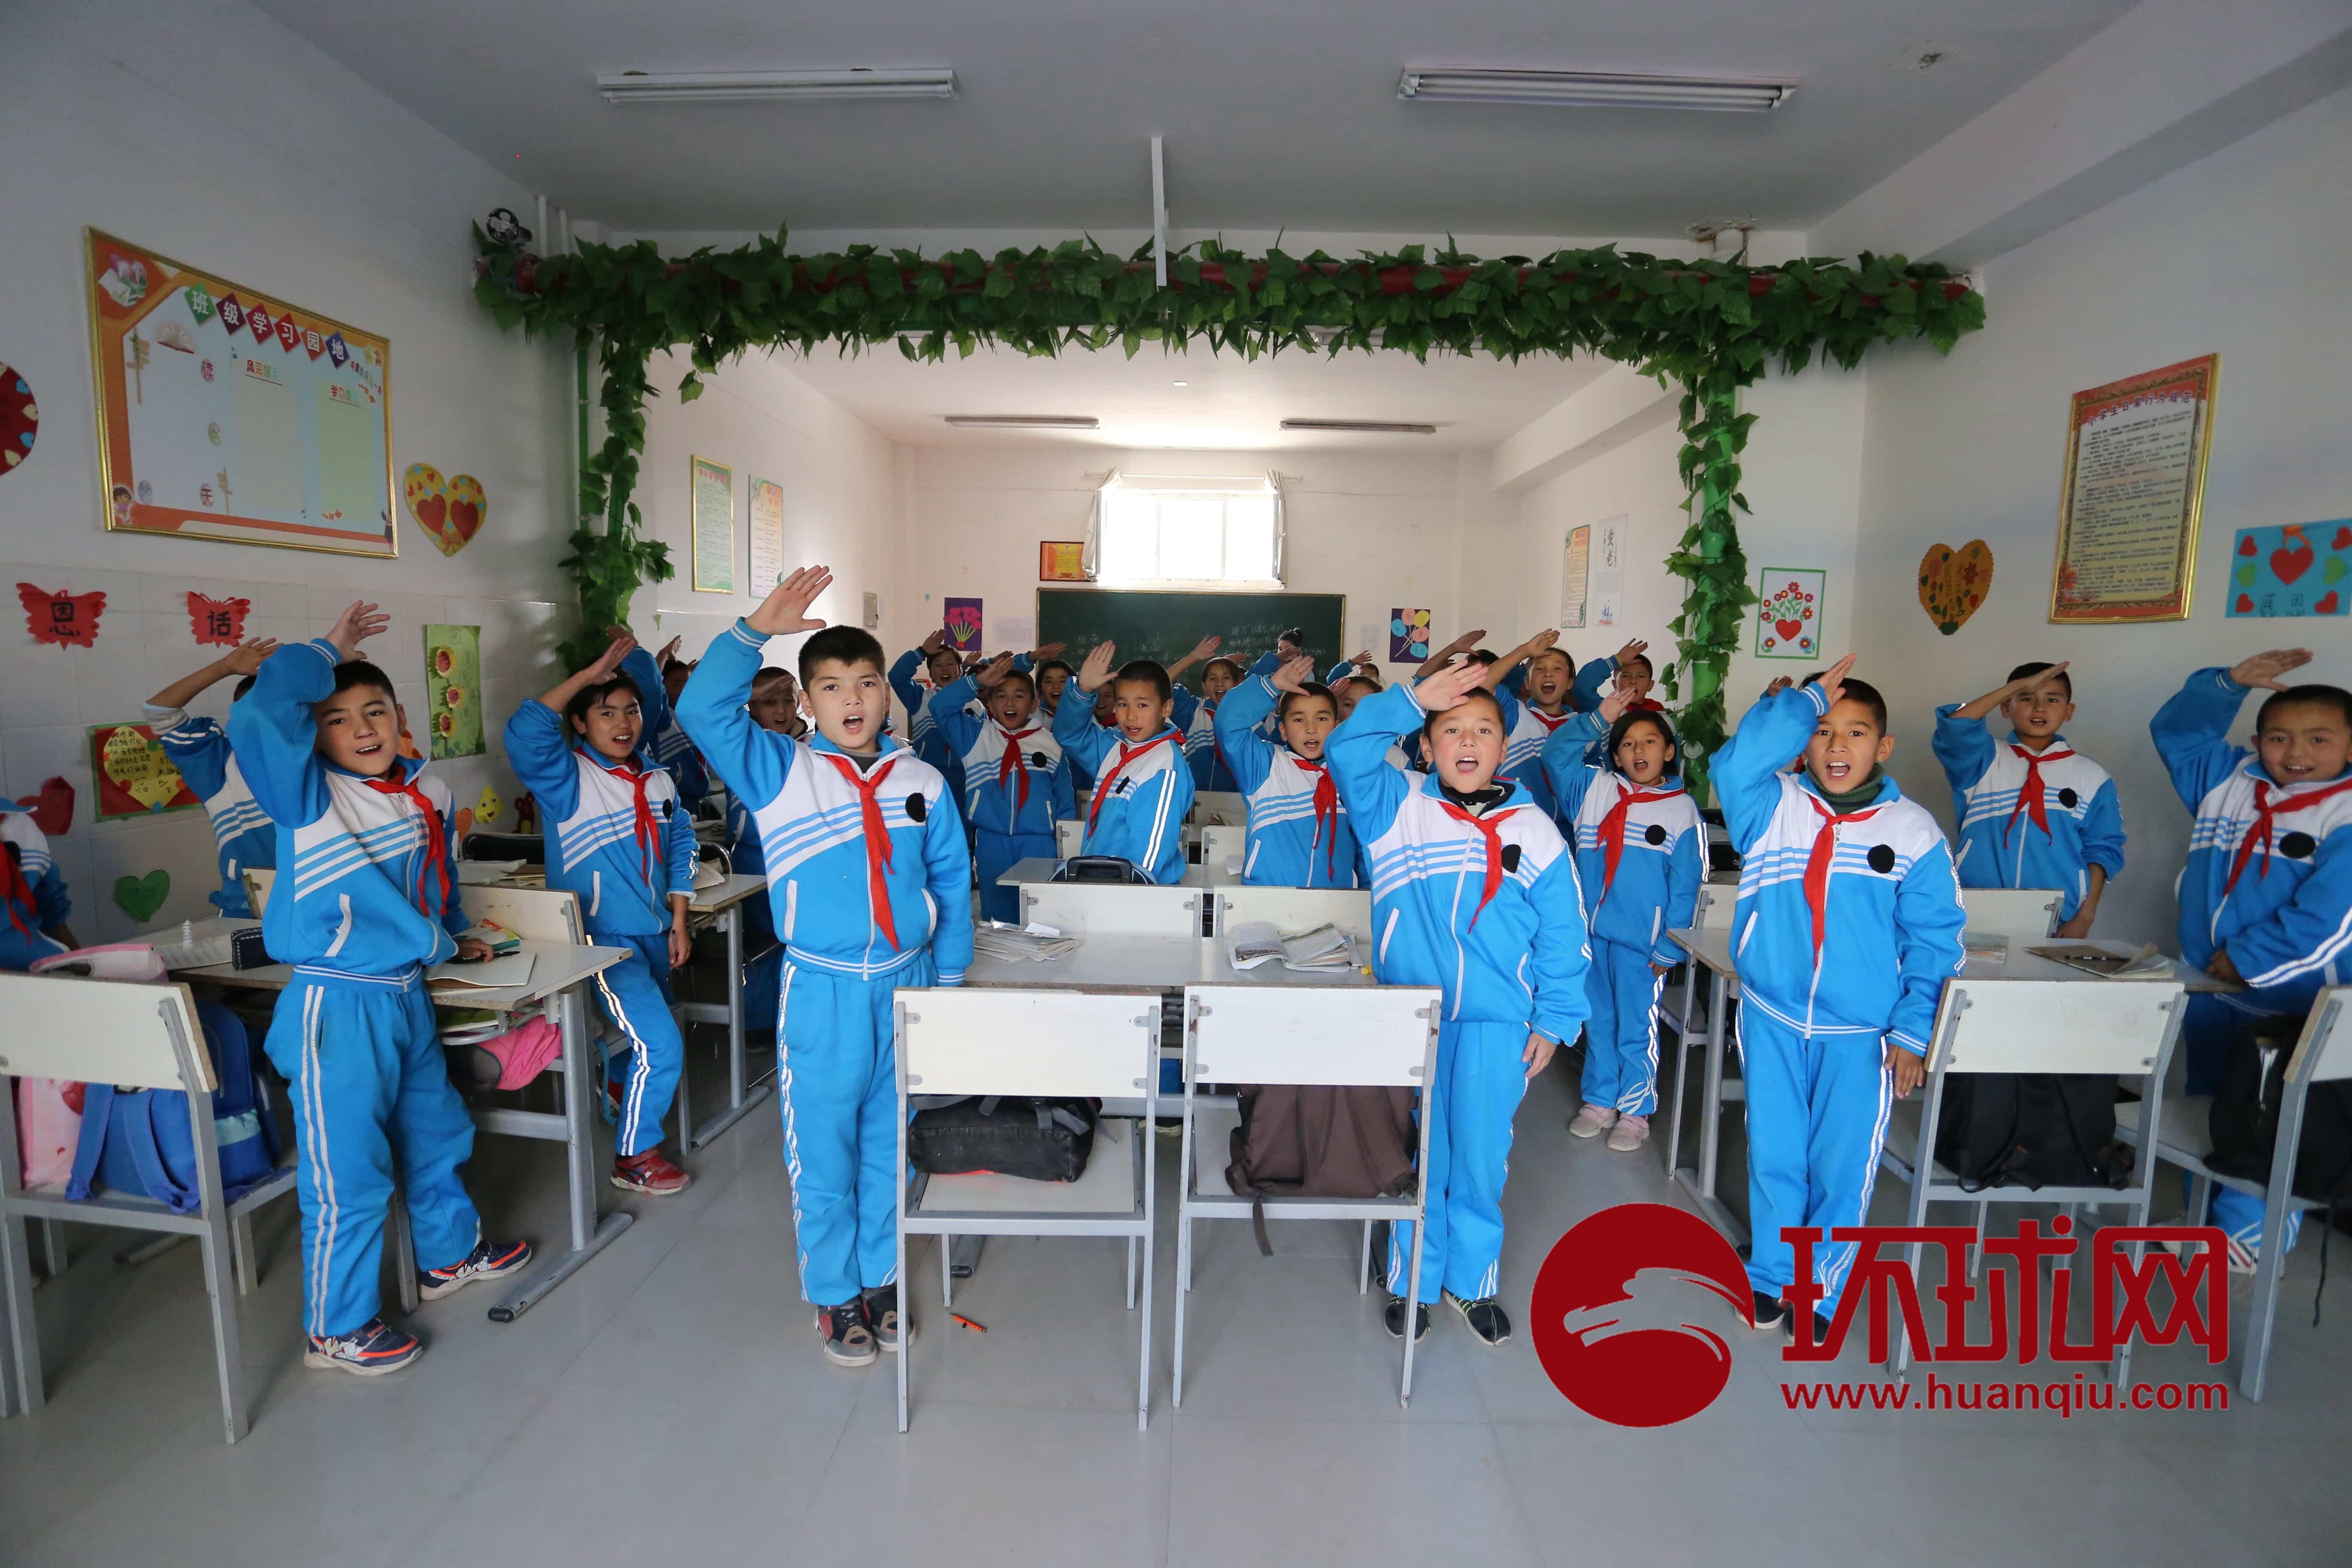 实地走访新疆职教培训中心:被西方挑刺的机构竟然是这样!